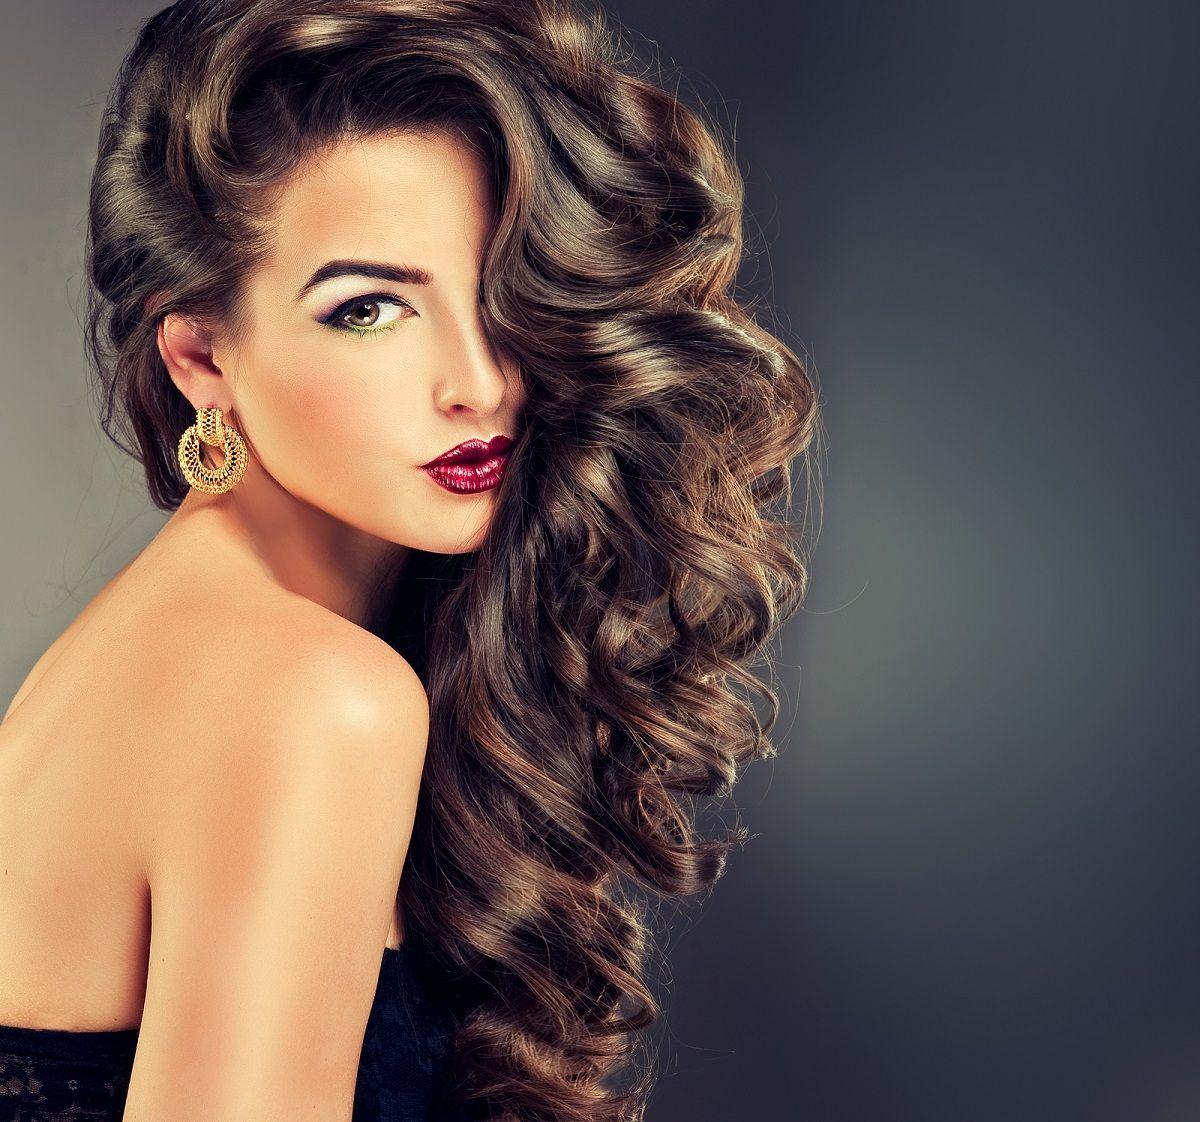 Девушка с шикарными волосами пнг